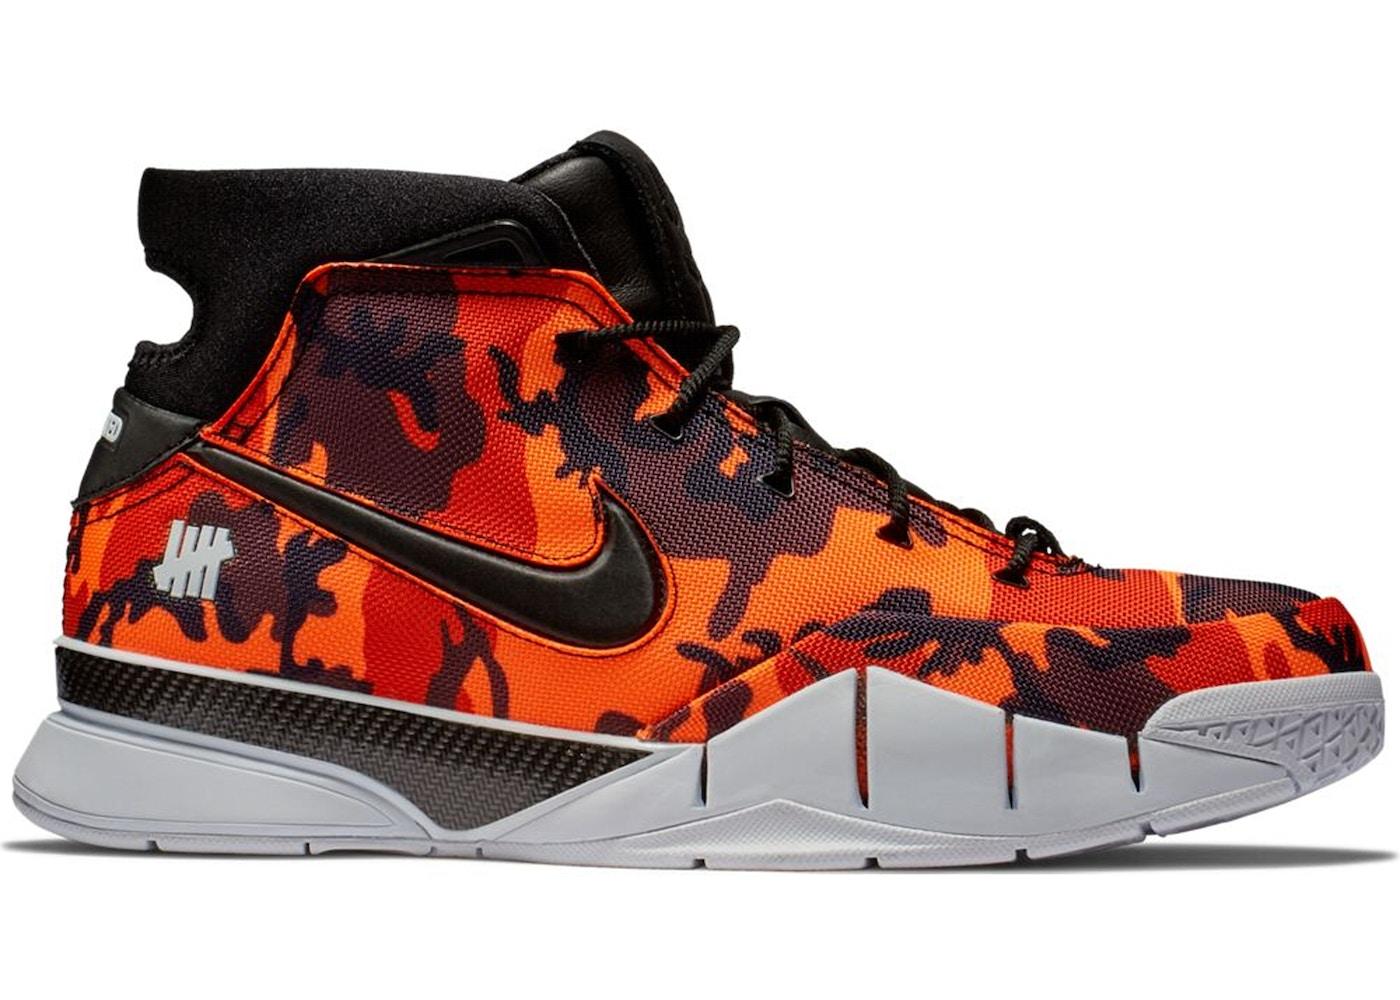 a424be885357 Buy Nike Kobe 1 Shoes   Deadstock Sneakers